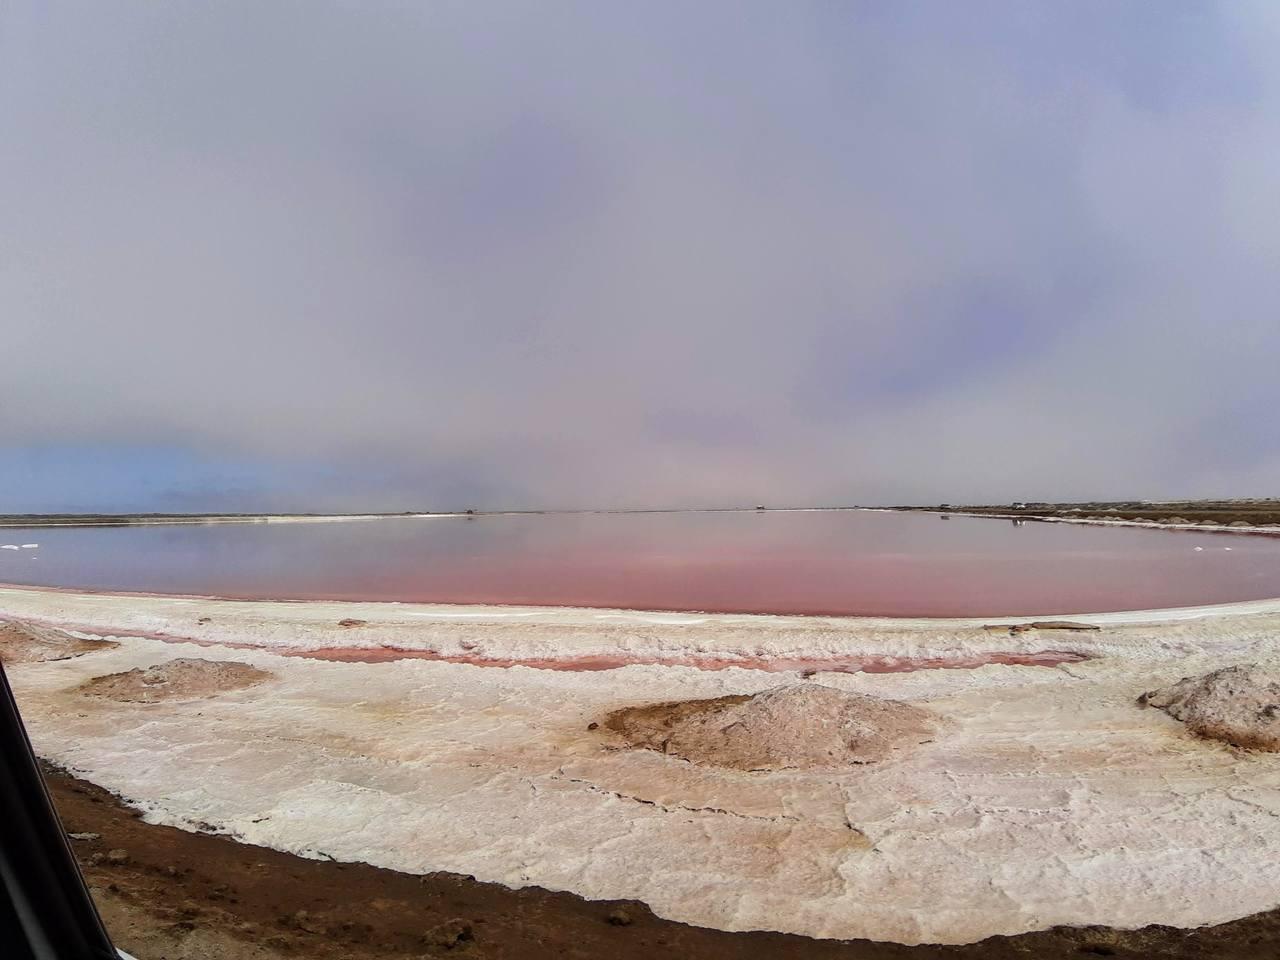 Lago de sal cor de rosa na Namíbia. Foto de Rita Cerveira Martins